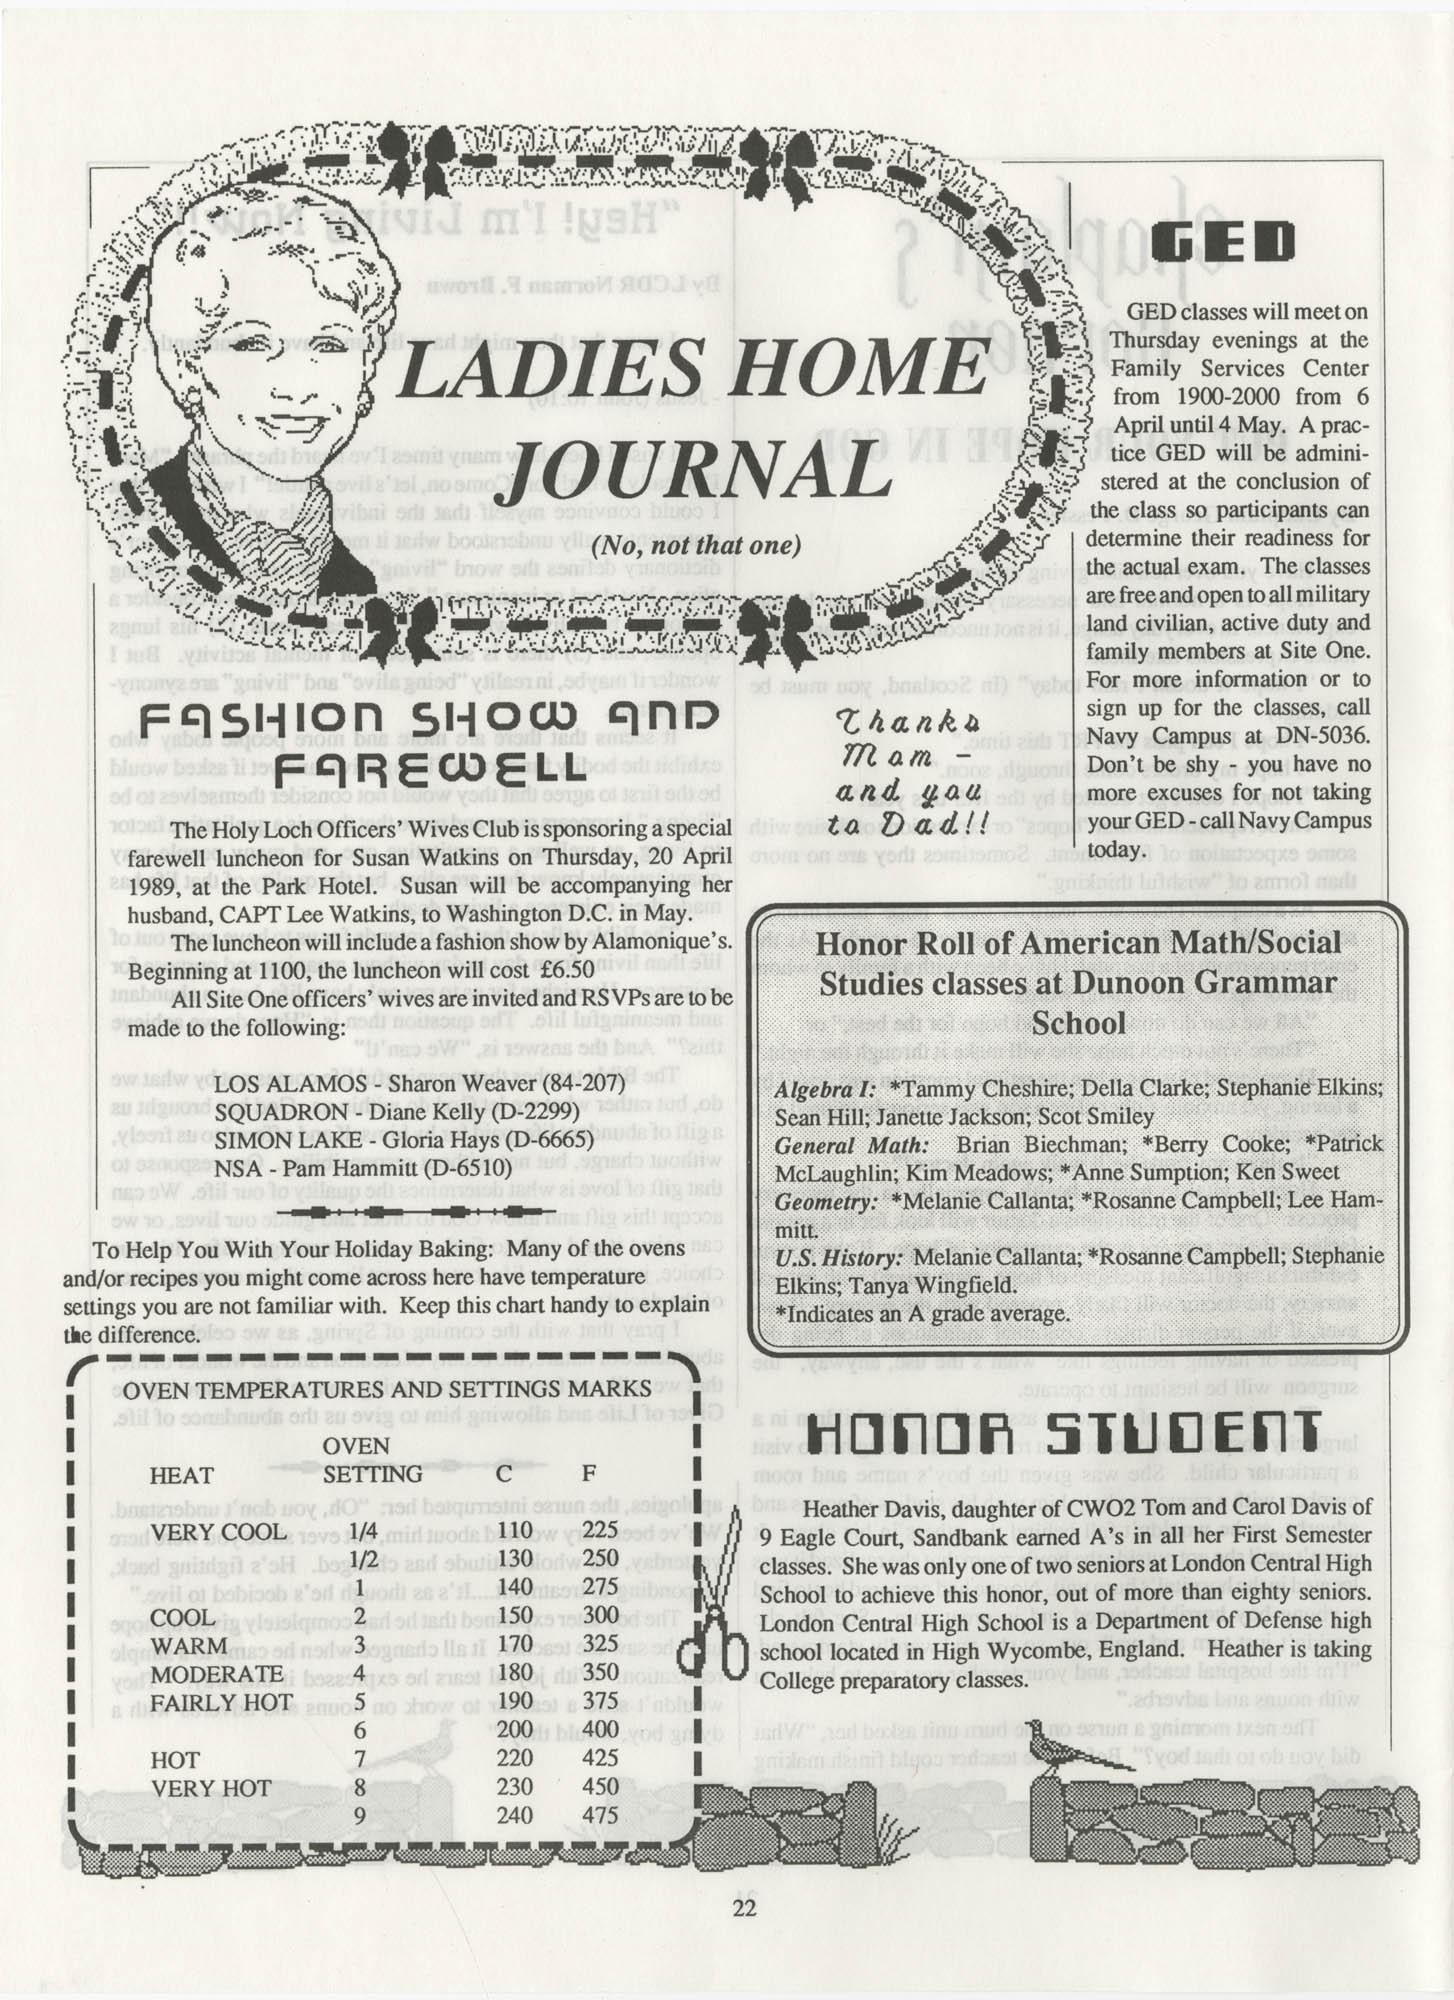 Periscope/Highlander, Vol. 1 No. 6, April 1989, Page 22